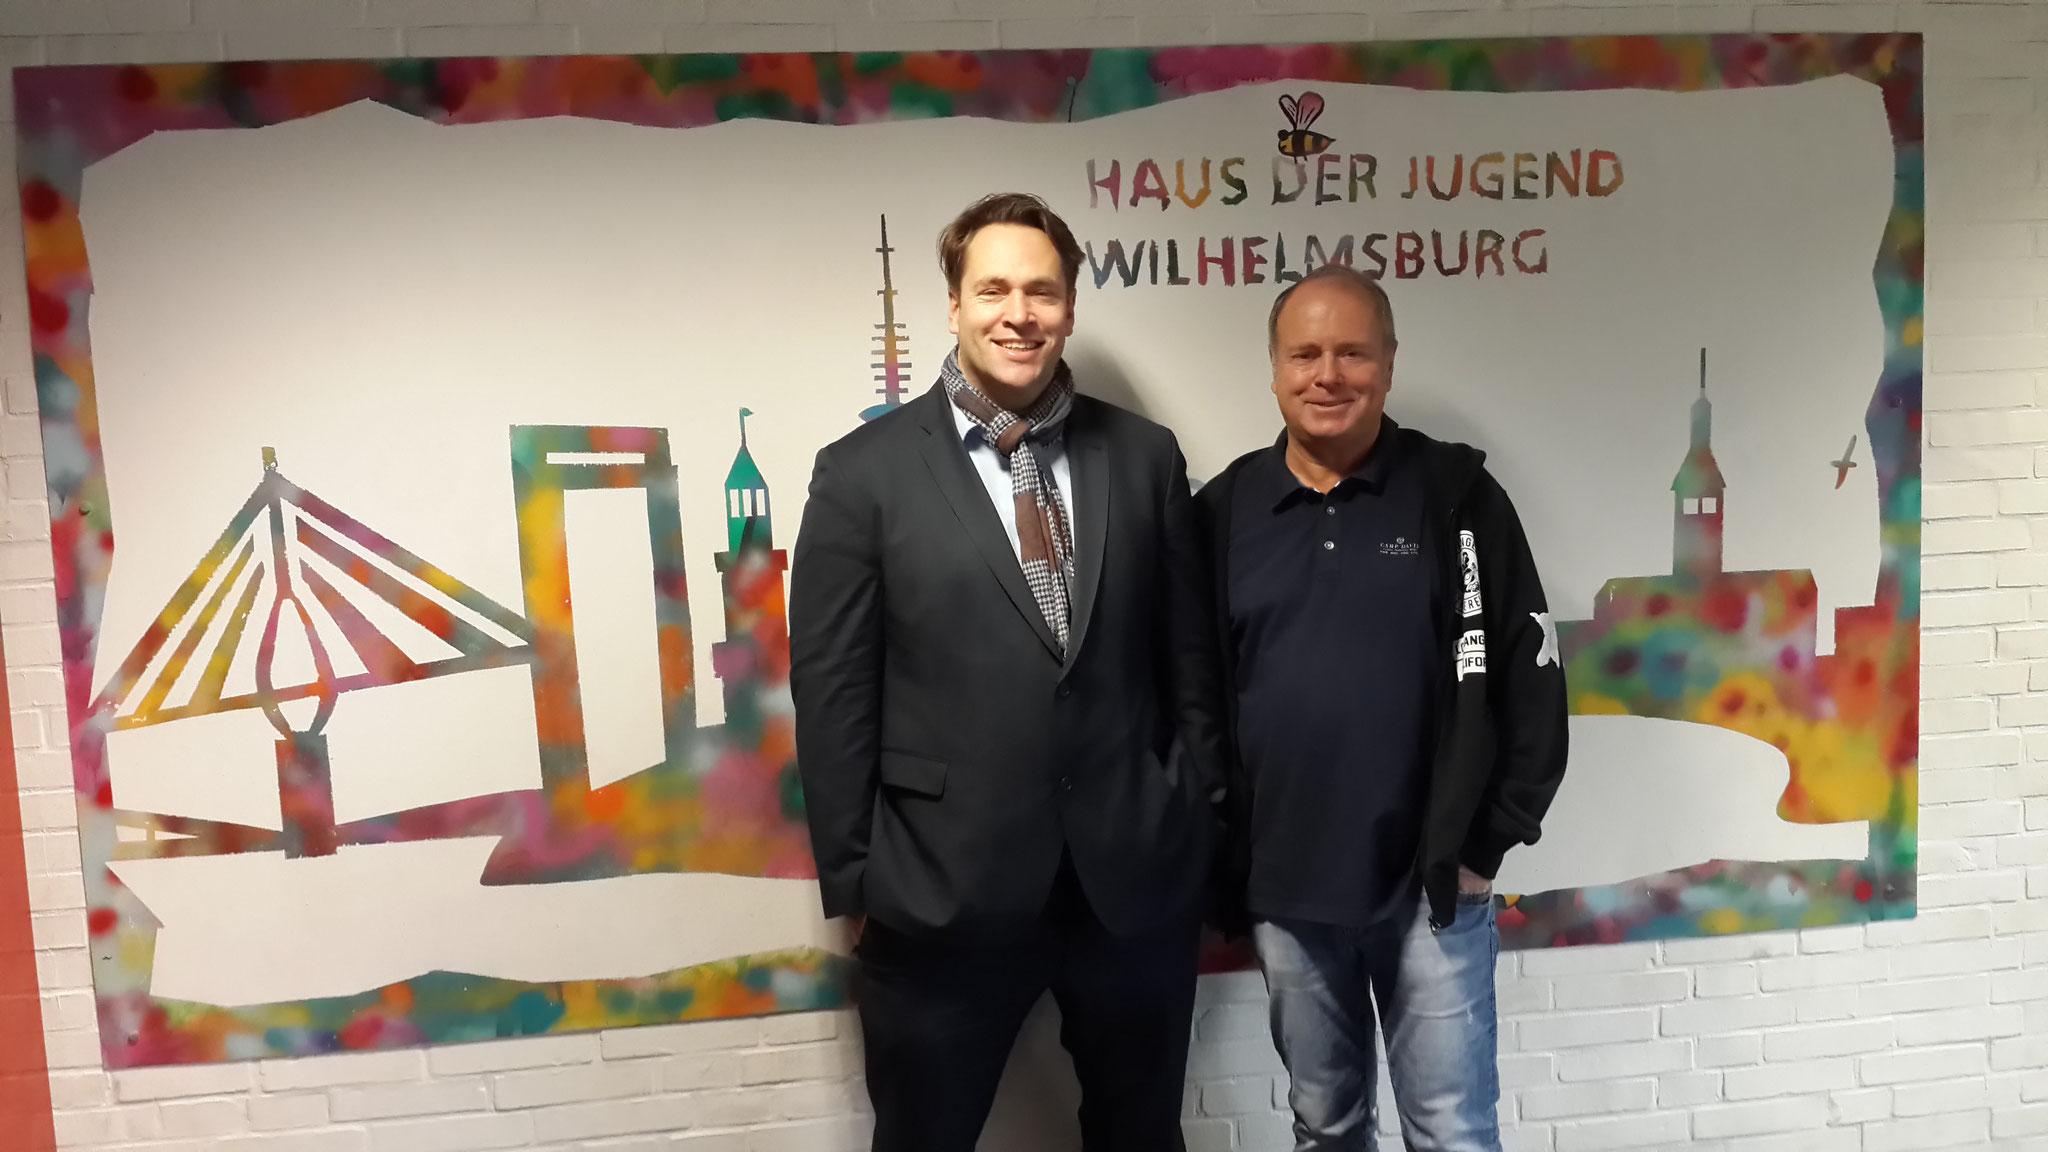 Mit Ulrich Gomolzig (Leiter des HDJ) im  Haus der Jugend Wilhelmsburg